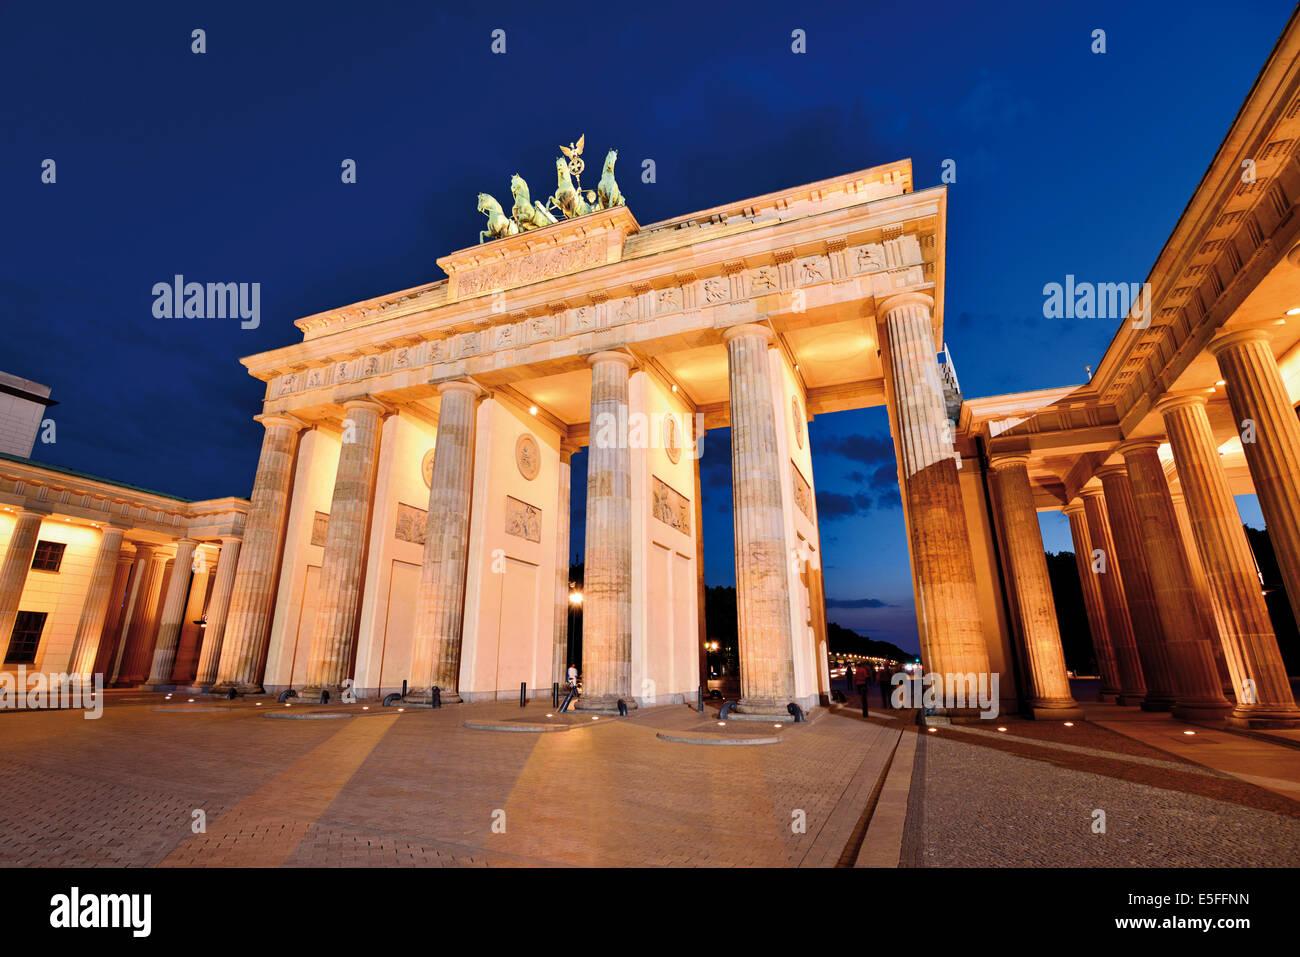 Alemania, Berlín: la Puerta de Brandenburgo de noche Imagen De Stock